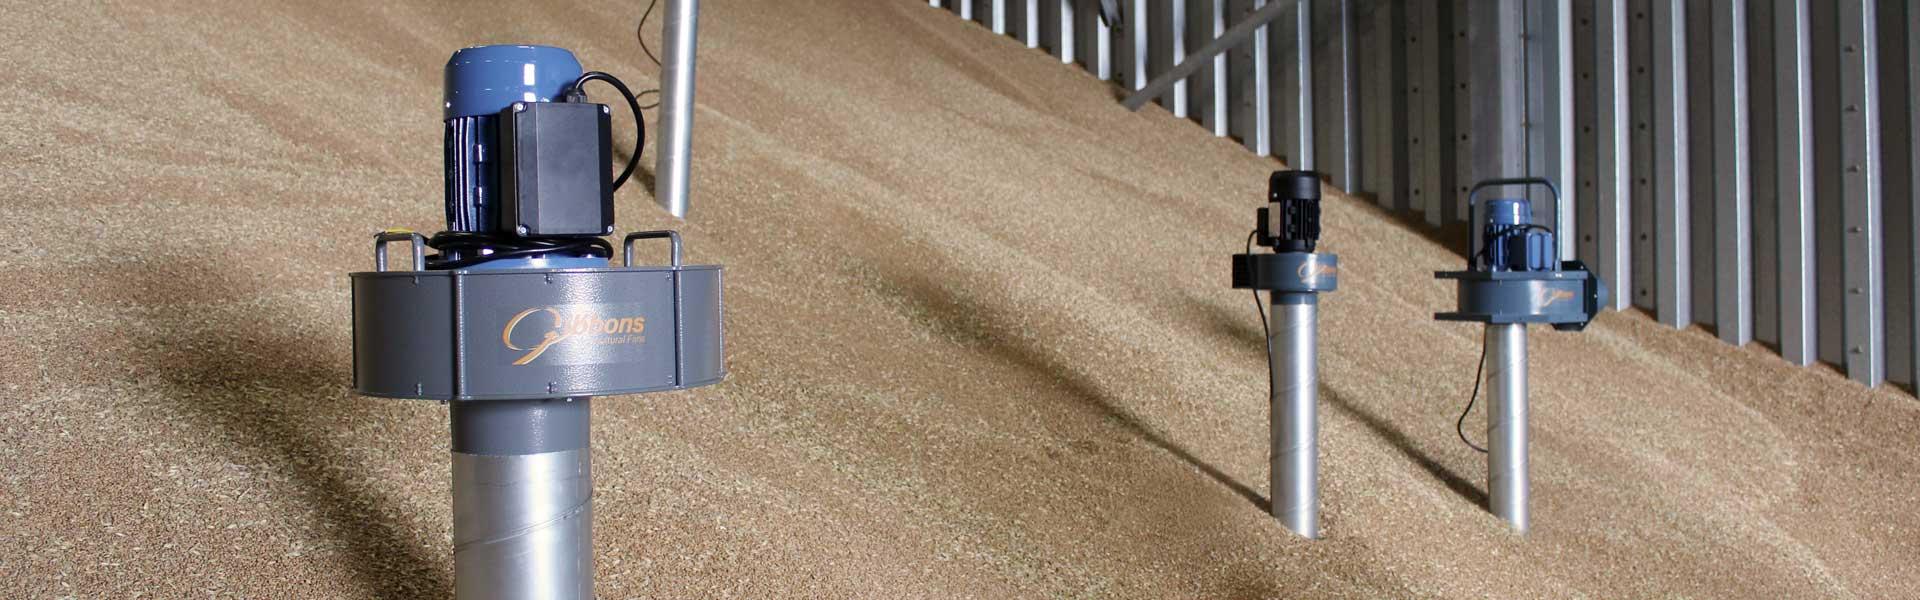 Grain storage fans